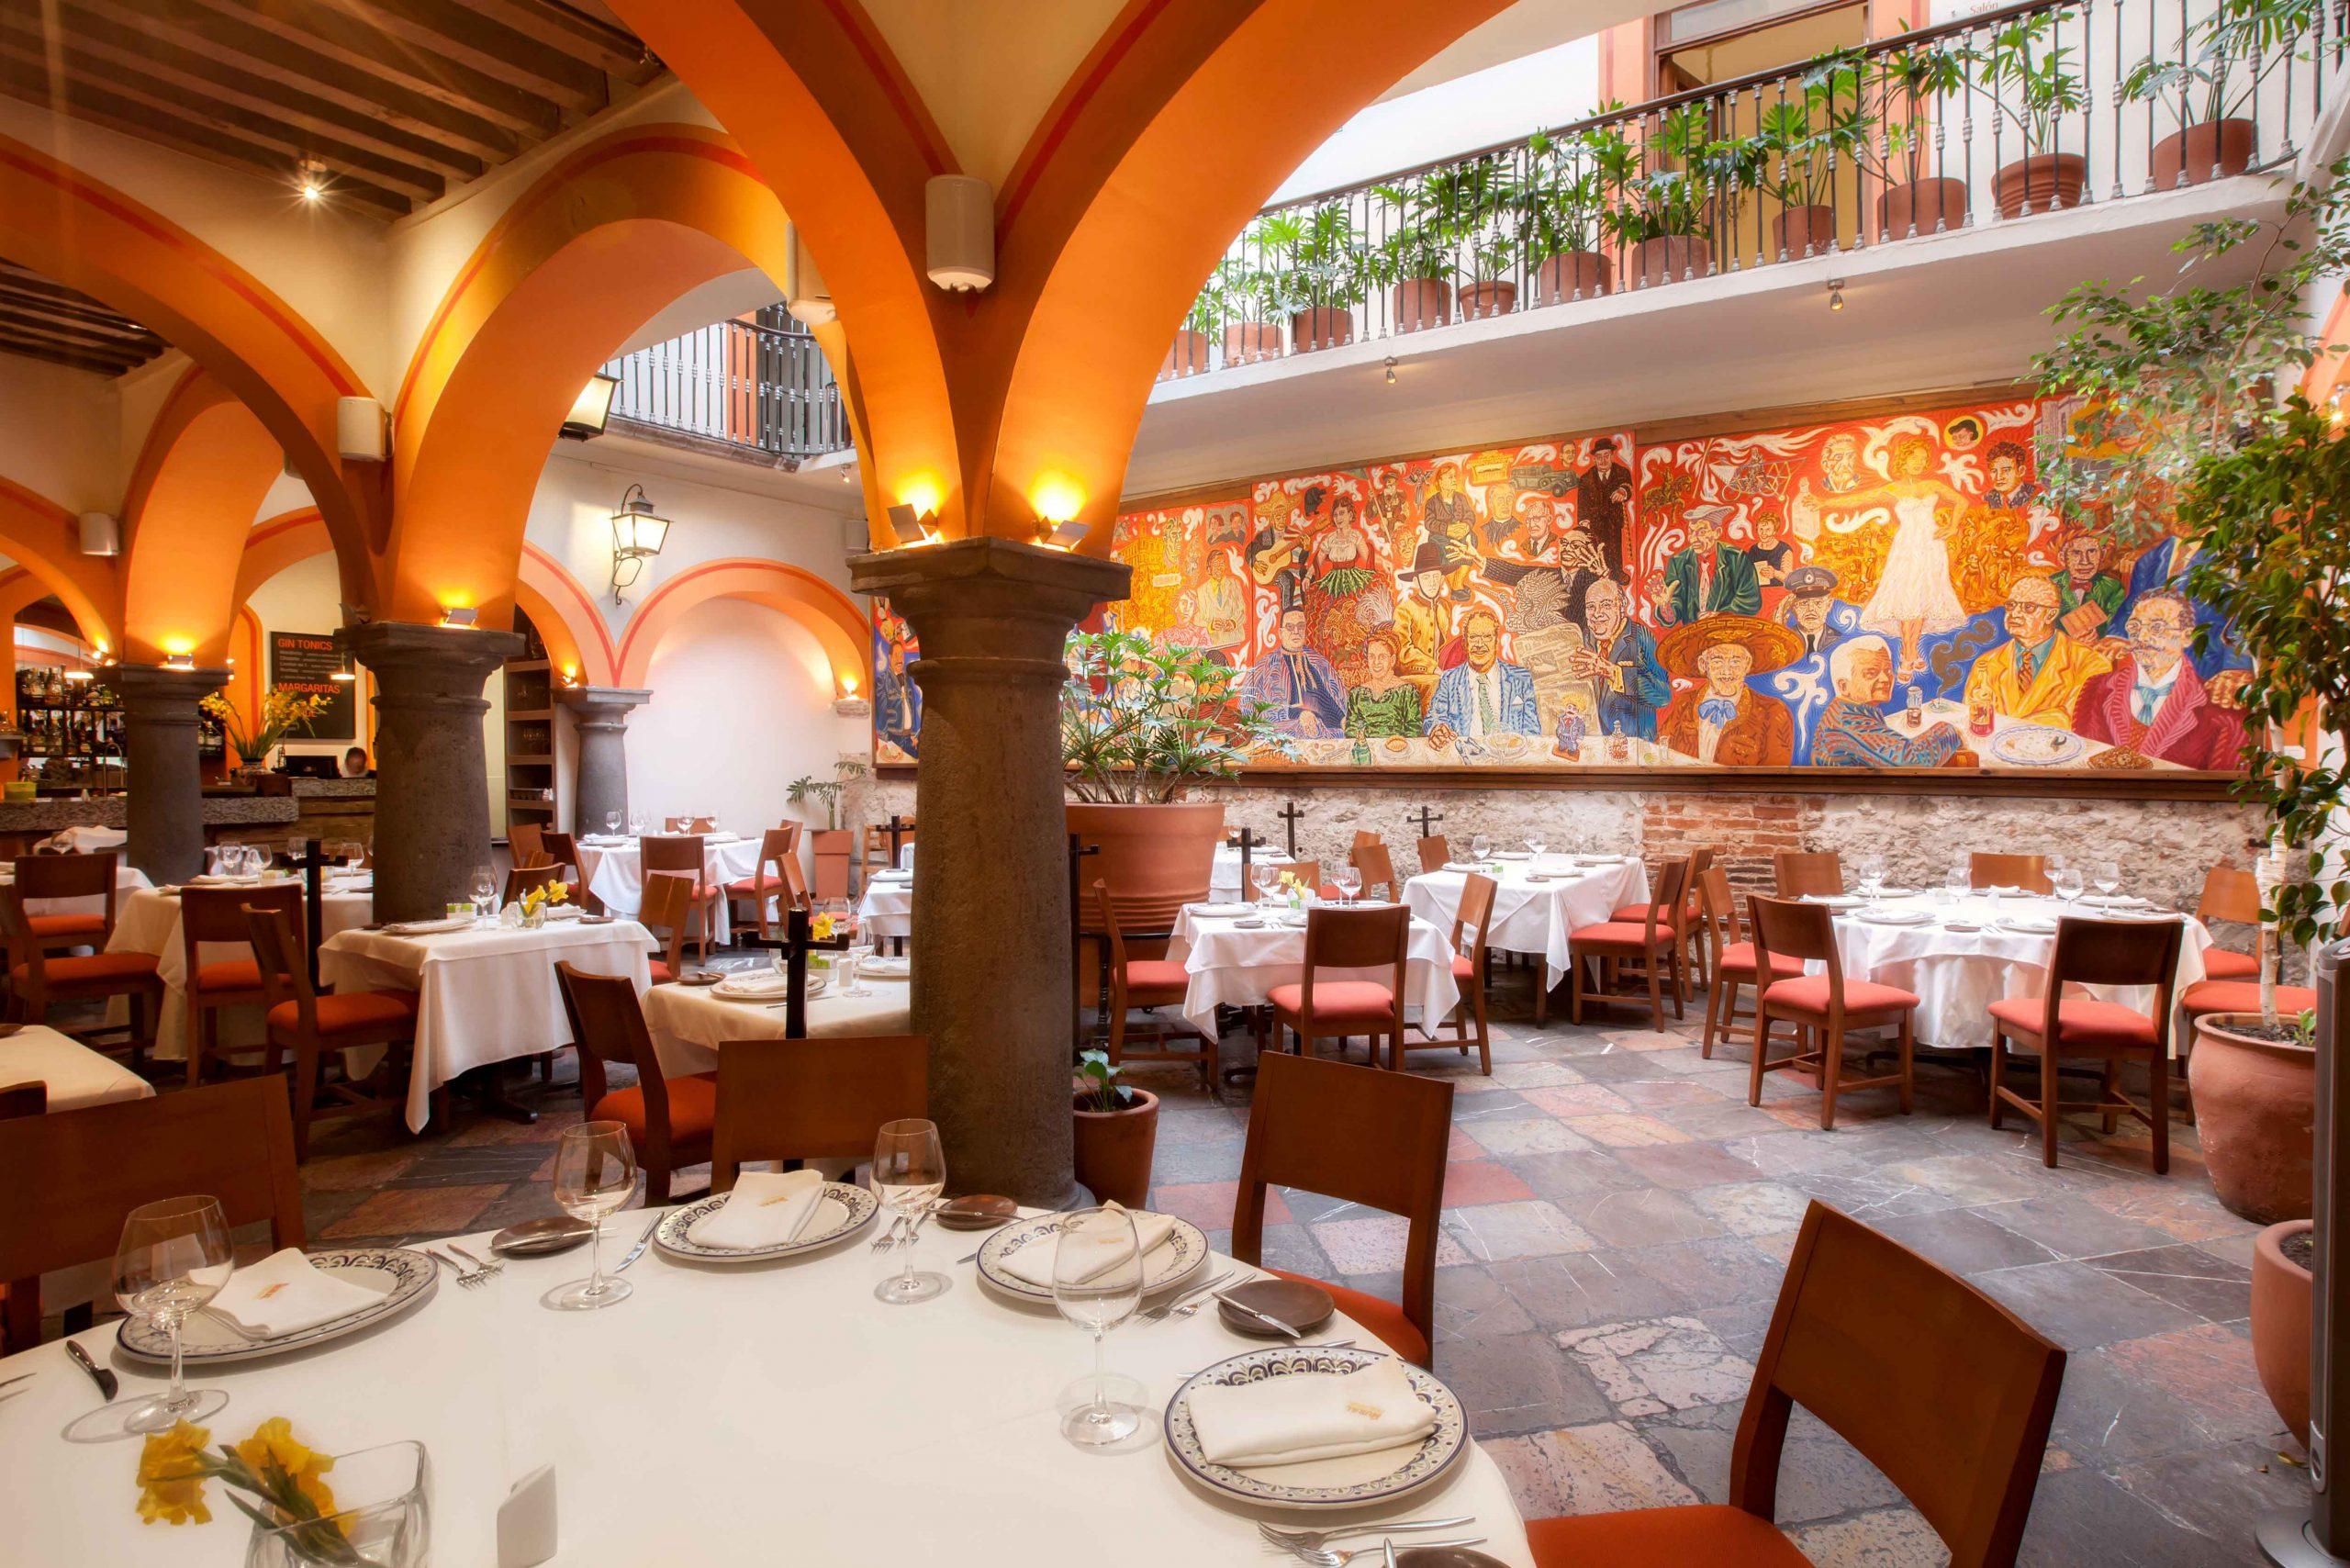 Restaurantes de Puebla - El mural de los poblanos